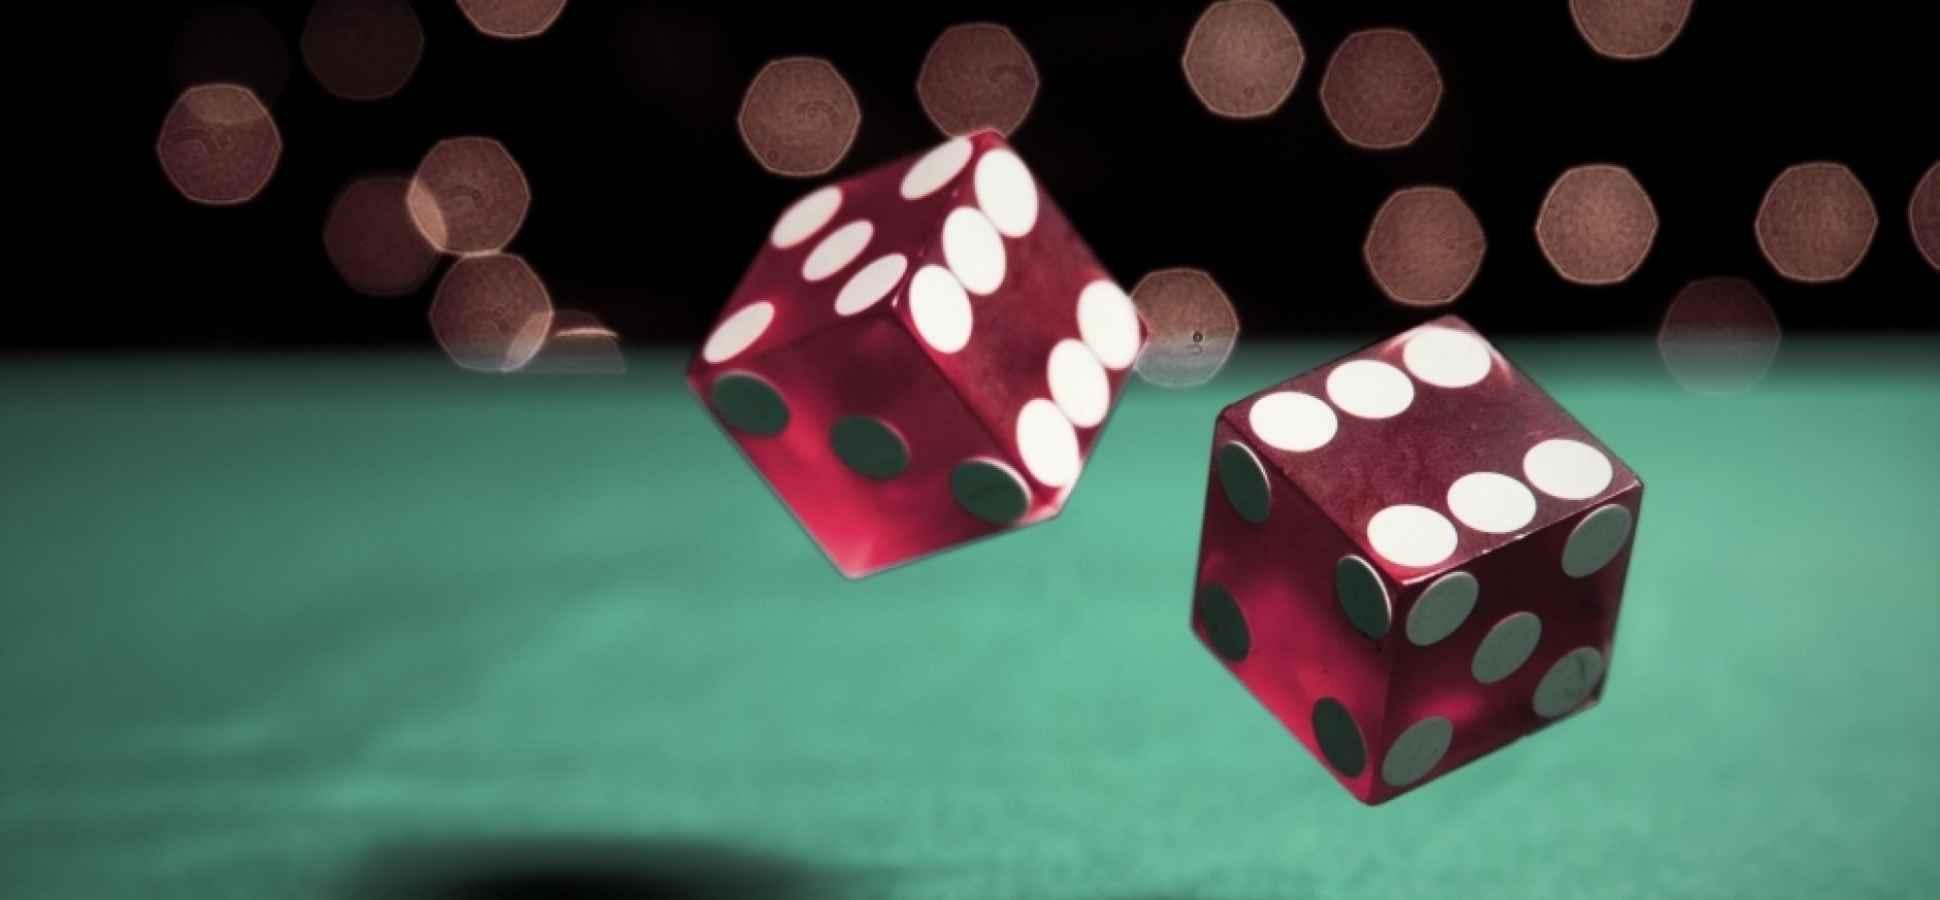 a gambling den